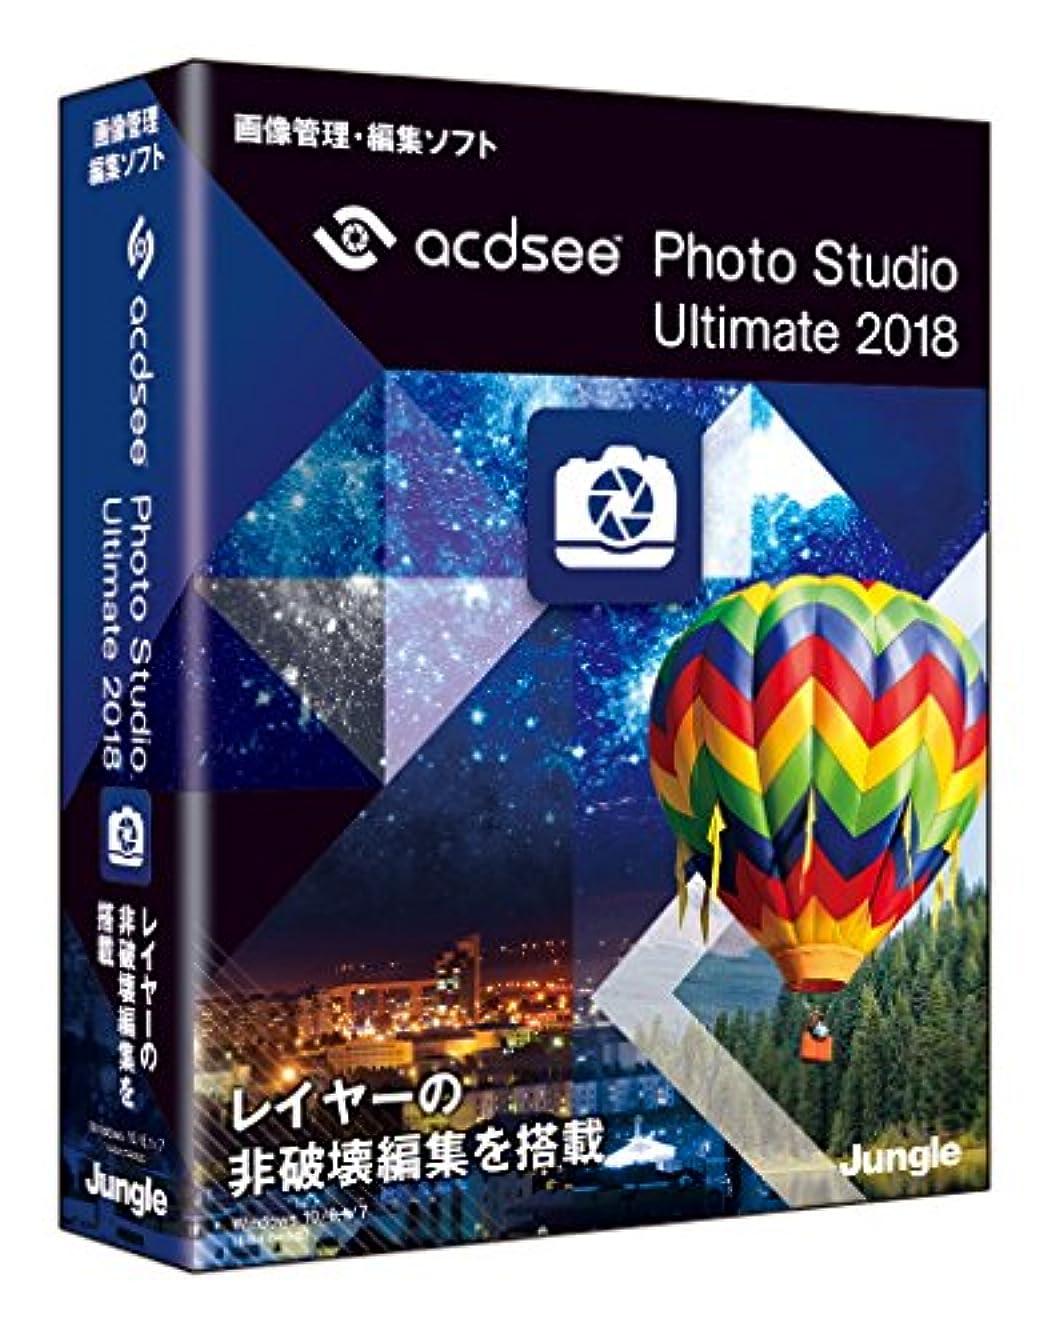 モーターガラガラ晴れACDSee Photo Studio Ultimate 2018